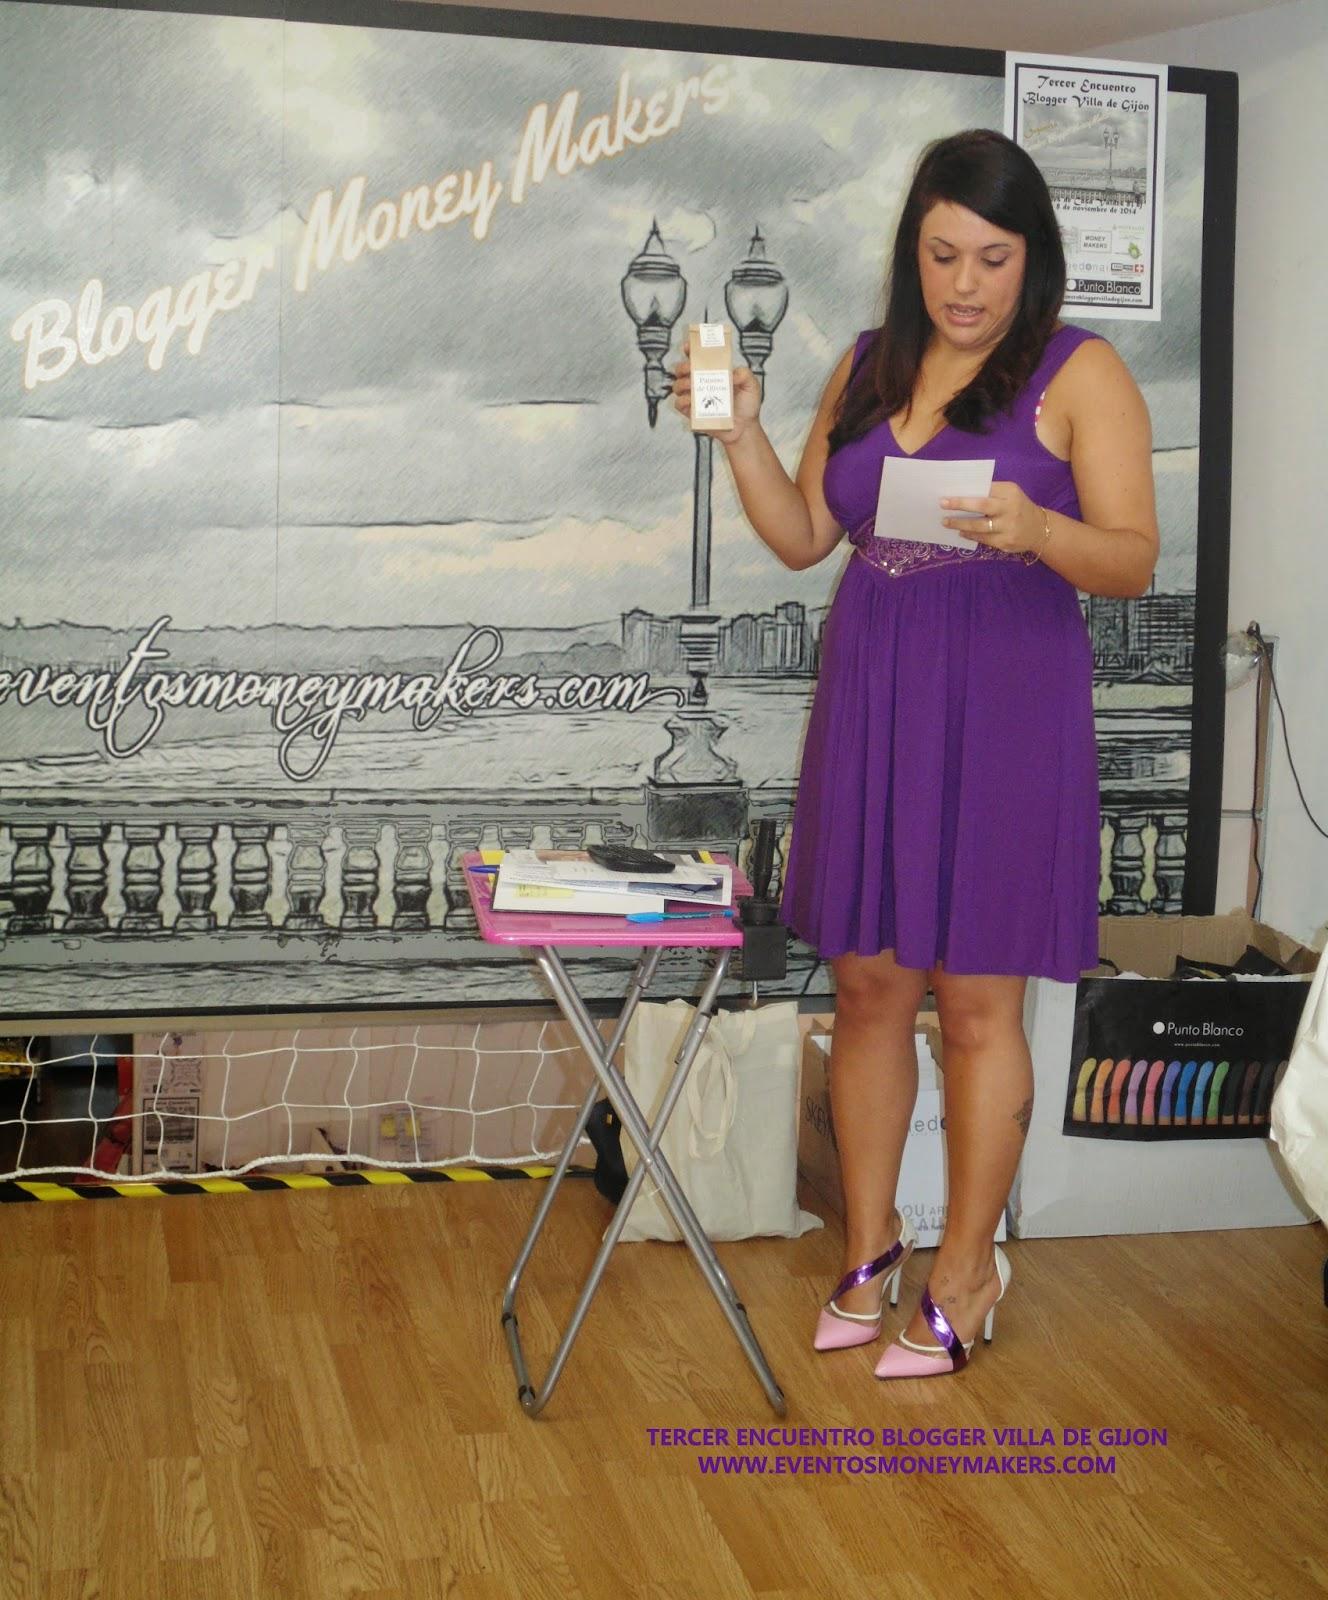 infusiones soloinfusiones evento blogger encuentro beauty villa de gijon